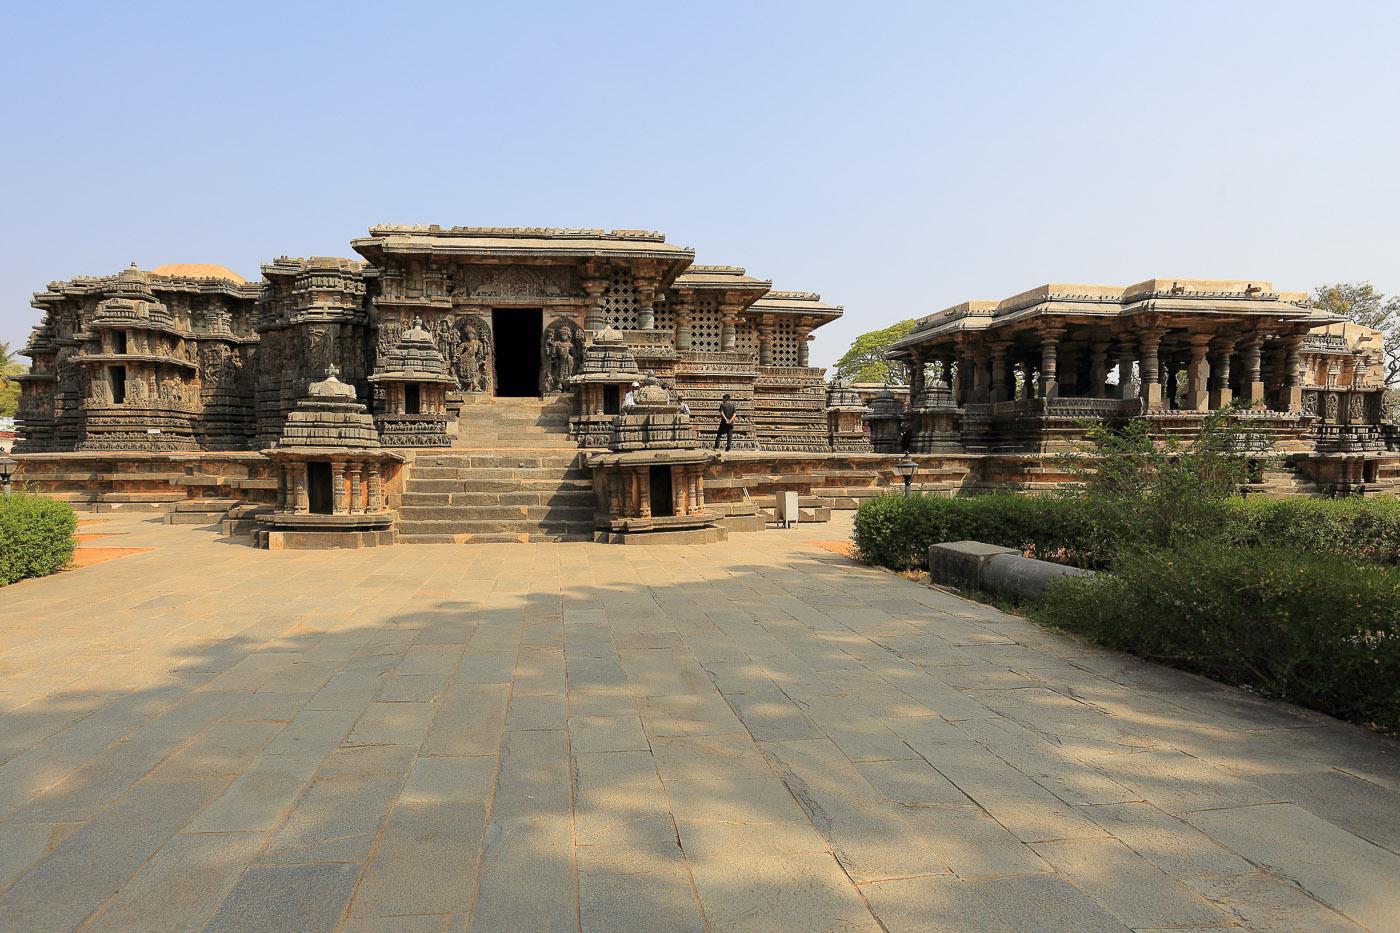 Фото № 9. Храм Хойсалешвара в Халебиде. Южный фасад. Отчеты туристов из России о поездке в Карнатаку в Индии. 1/60, 0 eV, f 9, 17 mm, ISO 100.